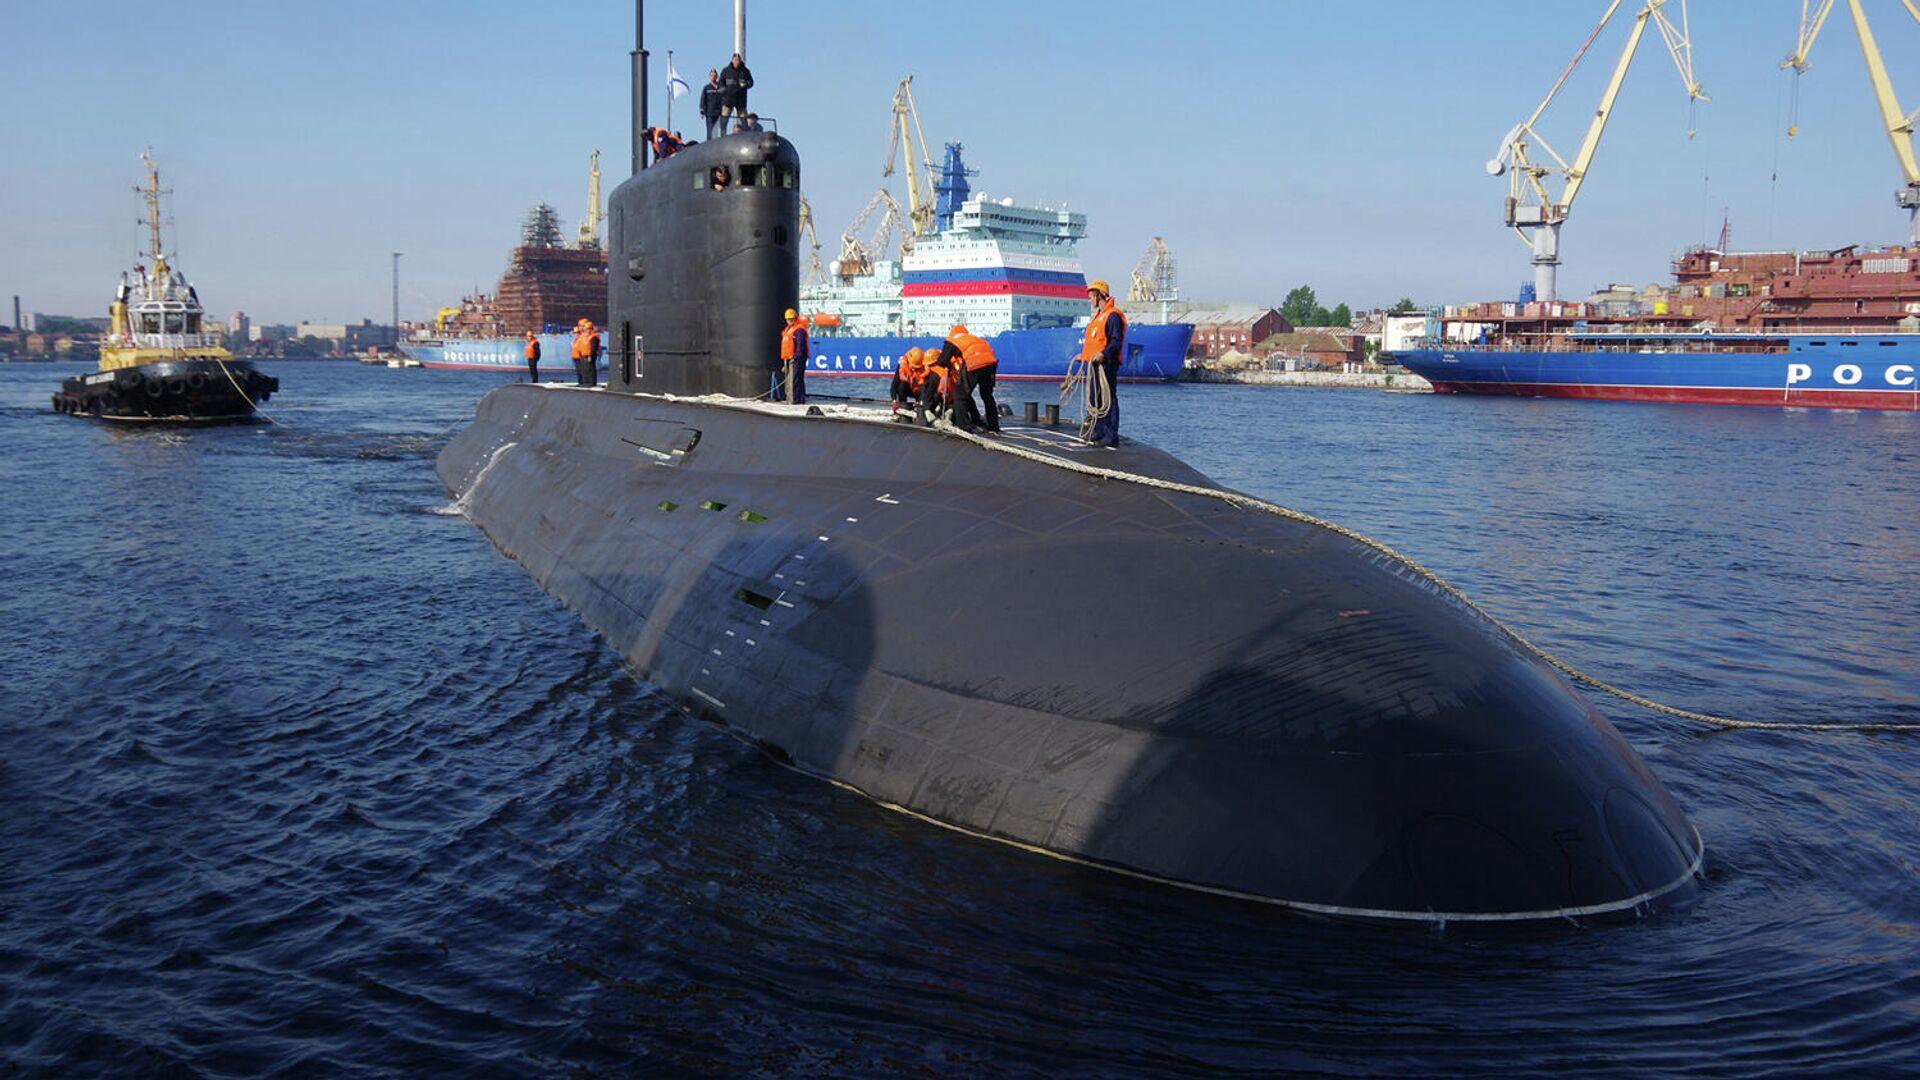 Большая дизель-электрическая подводная лодка Волхов - РИА Новости, 1920, 22.09.2021